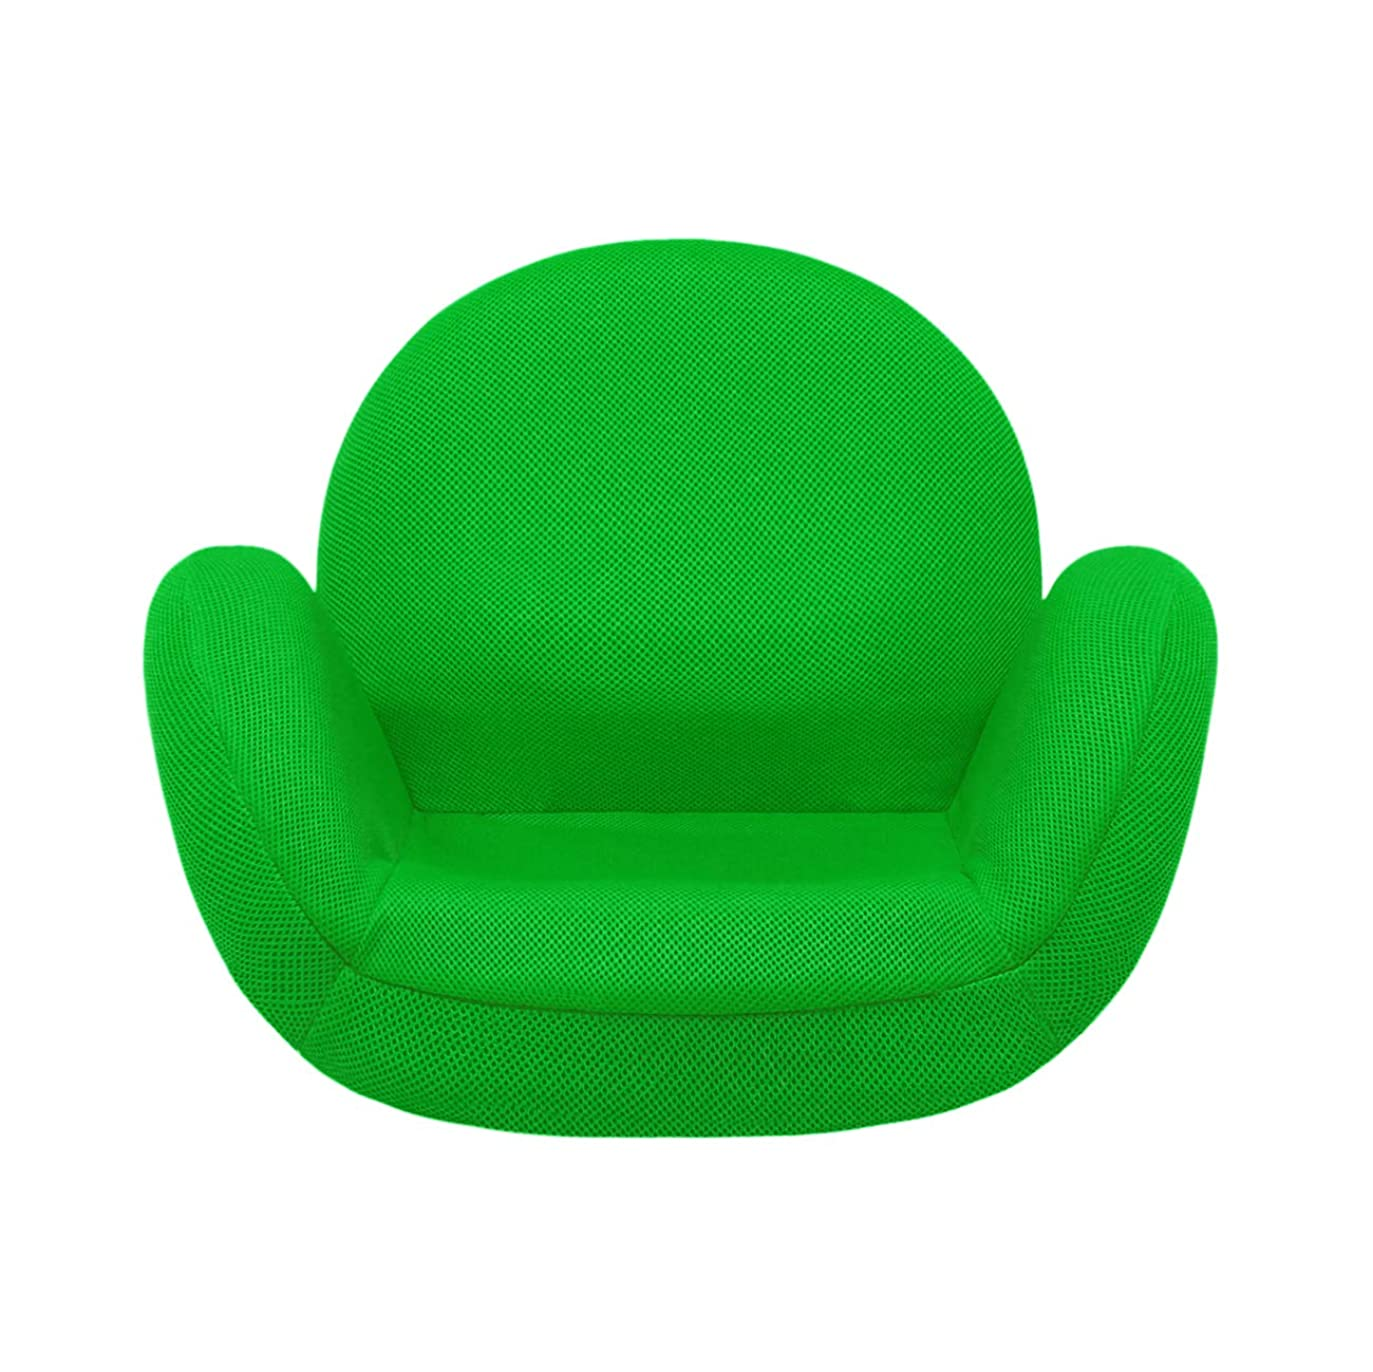 基本的な白鳥町tegopo 座椅子 スワン チェア 腰痛 6段階調節 リクライニング ひじ掛け付き メッシュタイプ (幅55cm 奥44cm 高41cm コンパクト 通常サイズ TGグリーン色)